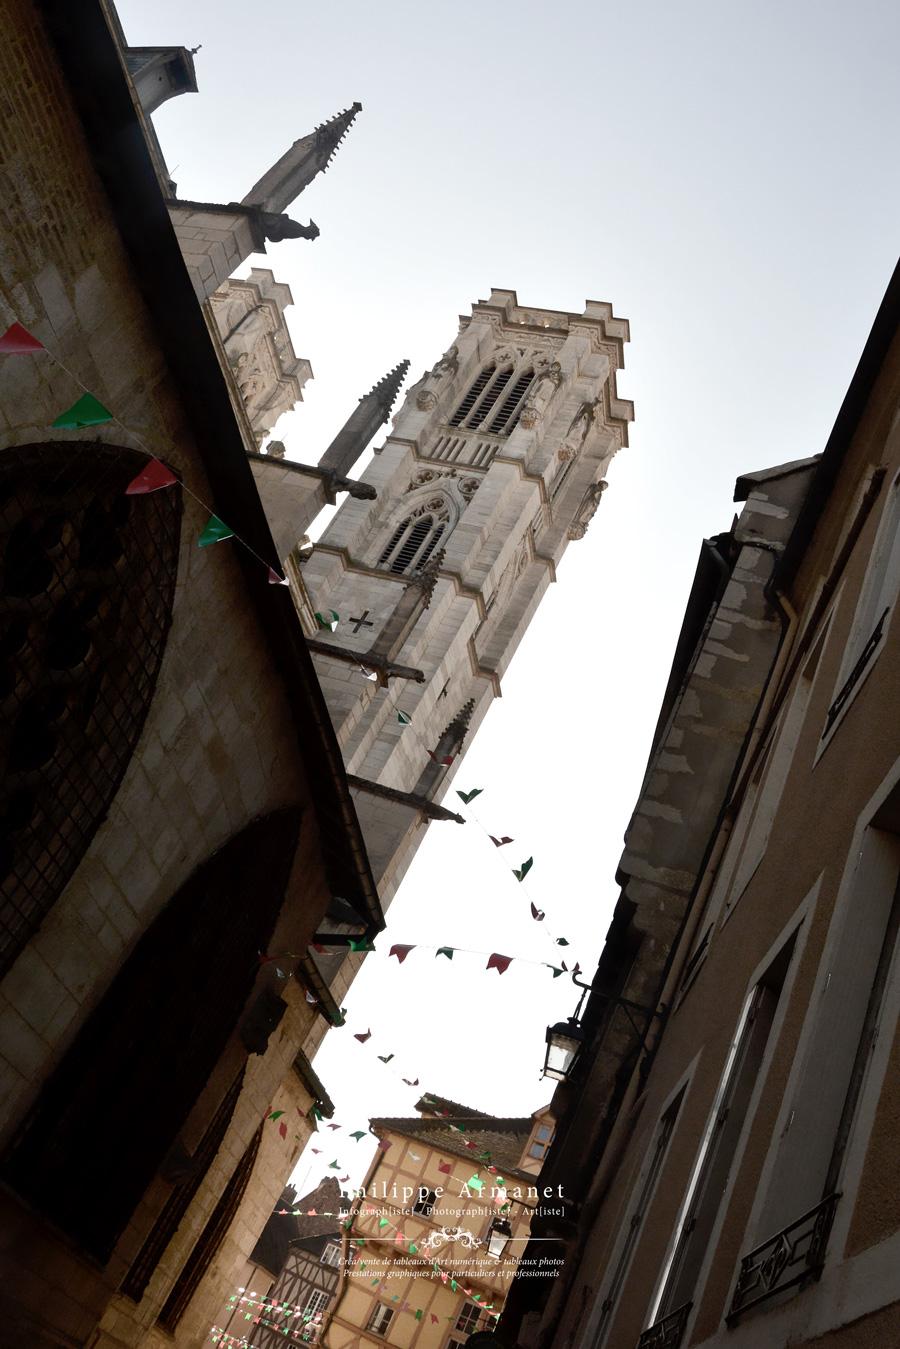 La Cathédrale de Chalon-sur-Saône